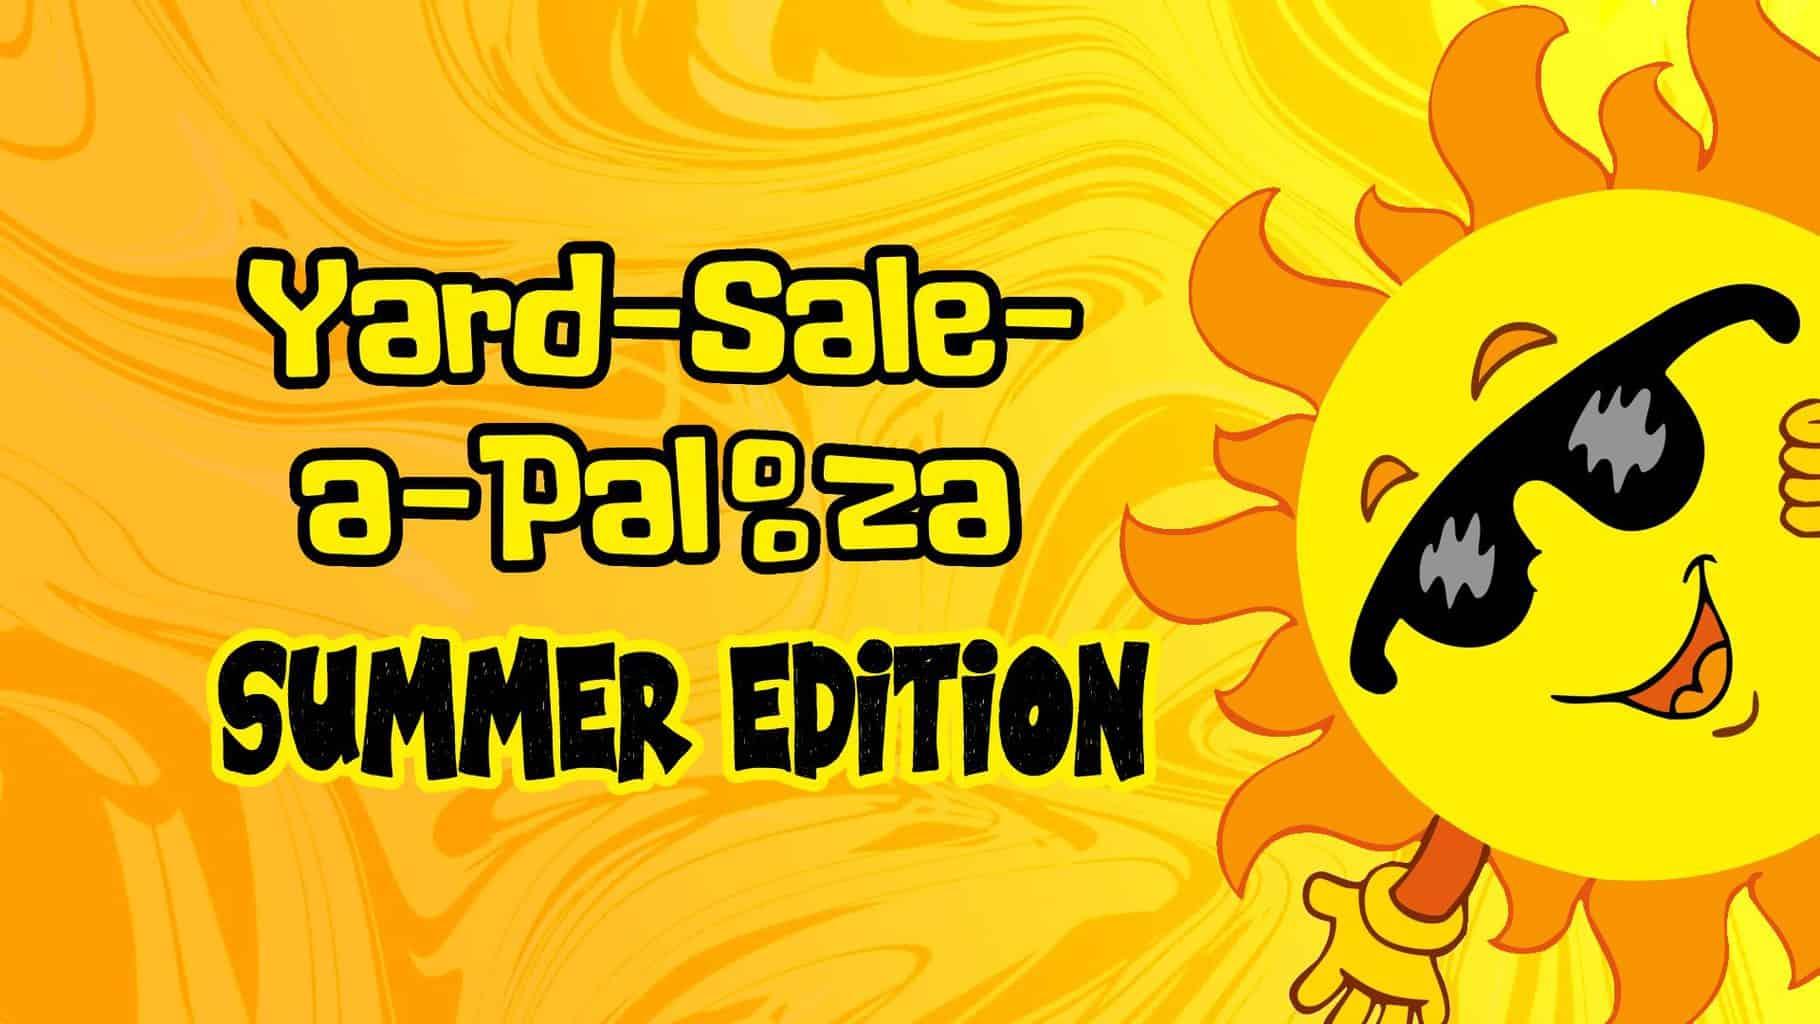 Summer Yard-Sale-A-Palooza